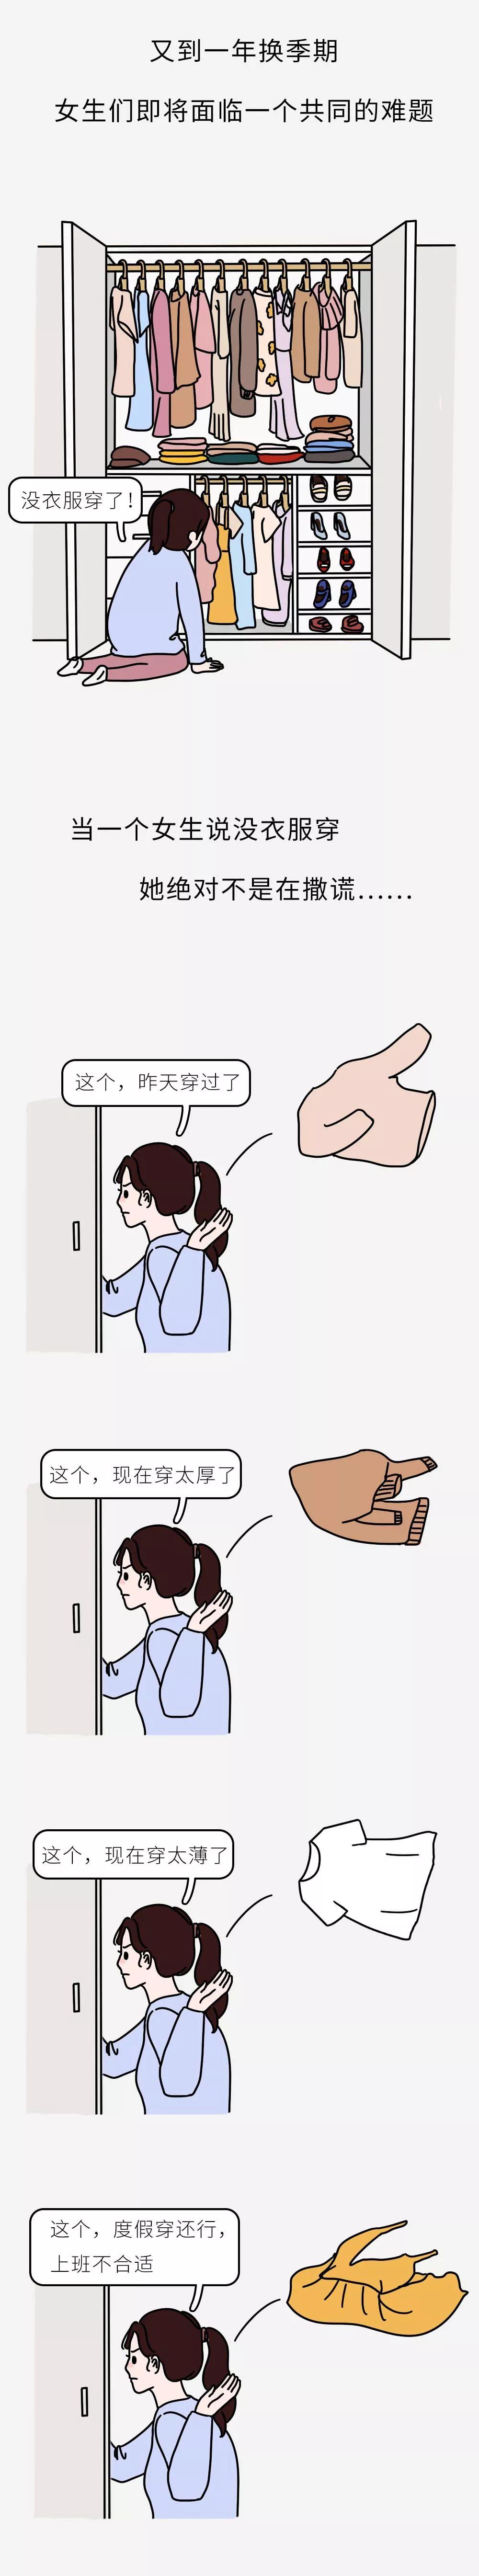 http://www.weixinrensheng.com/sifanghua/165697.html